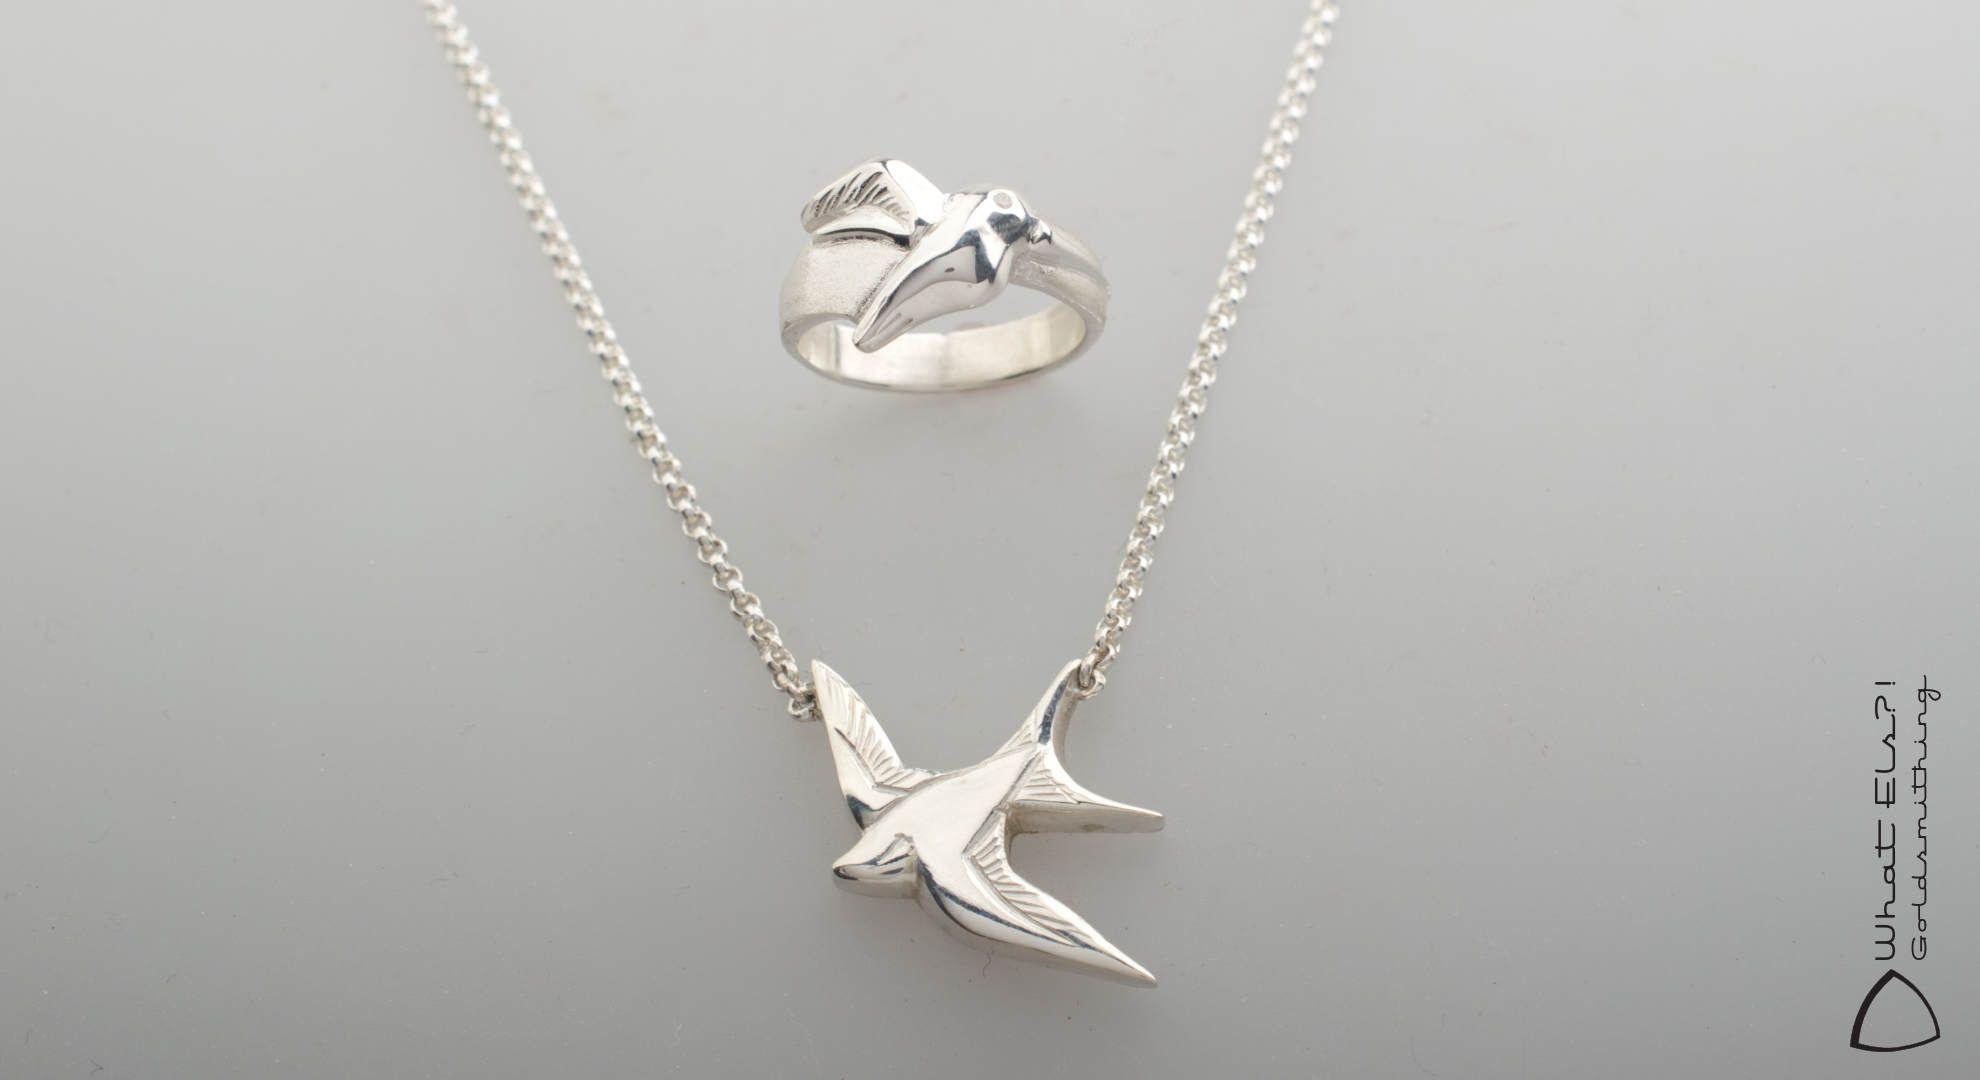 Assieraden van zilver, gemaakt van de armband van hun overleden vader, met de vogel centraal, een kolibri en een zwaluw